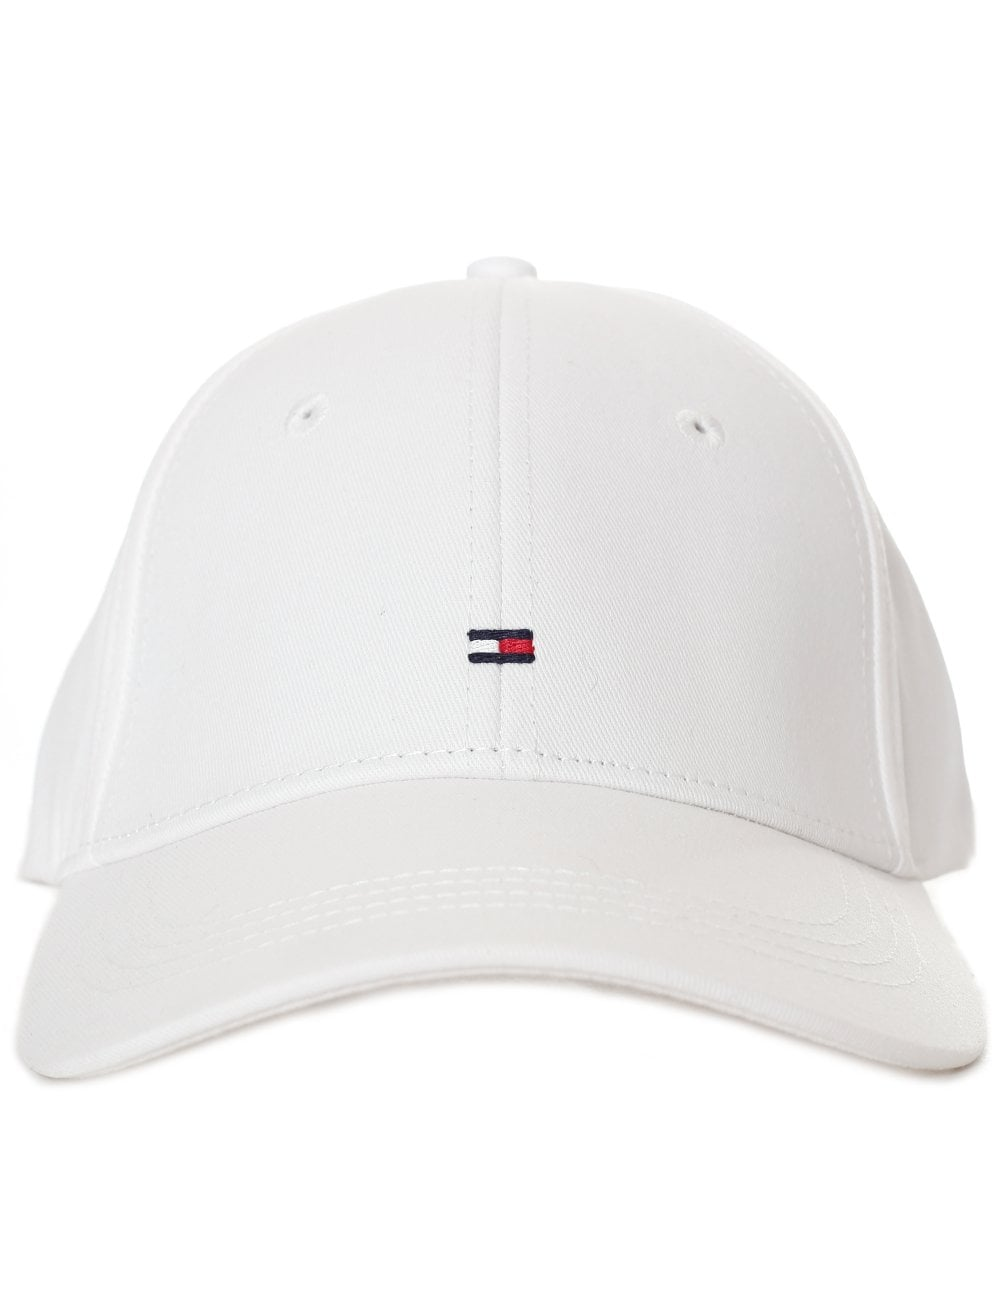 6f016e740 Tommy Hilfiger Women's Classic Baseball Cap